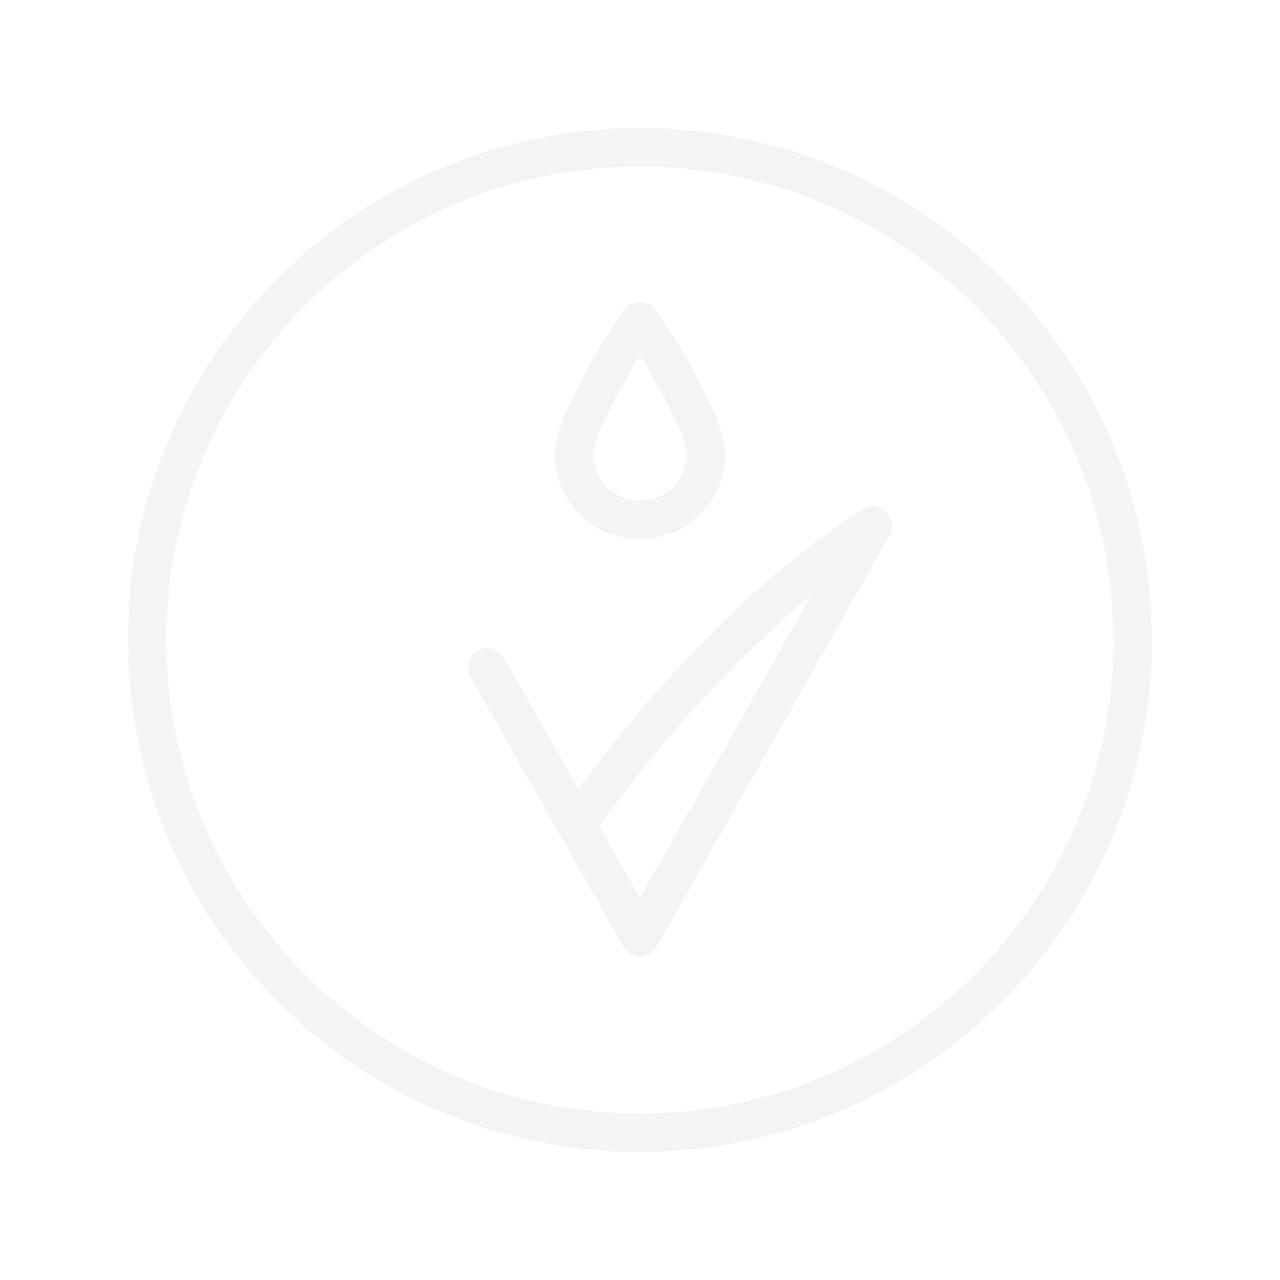 MAKEUP REVOLUTION I Love Makeup Bronzer Wardrobe Palette 18.96g